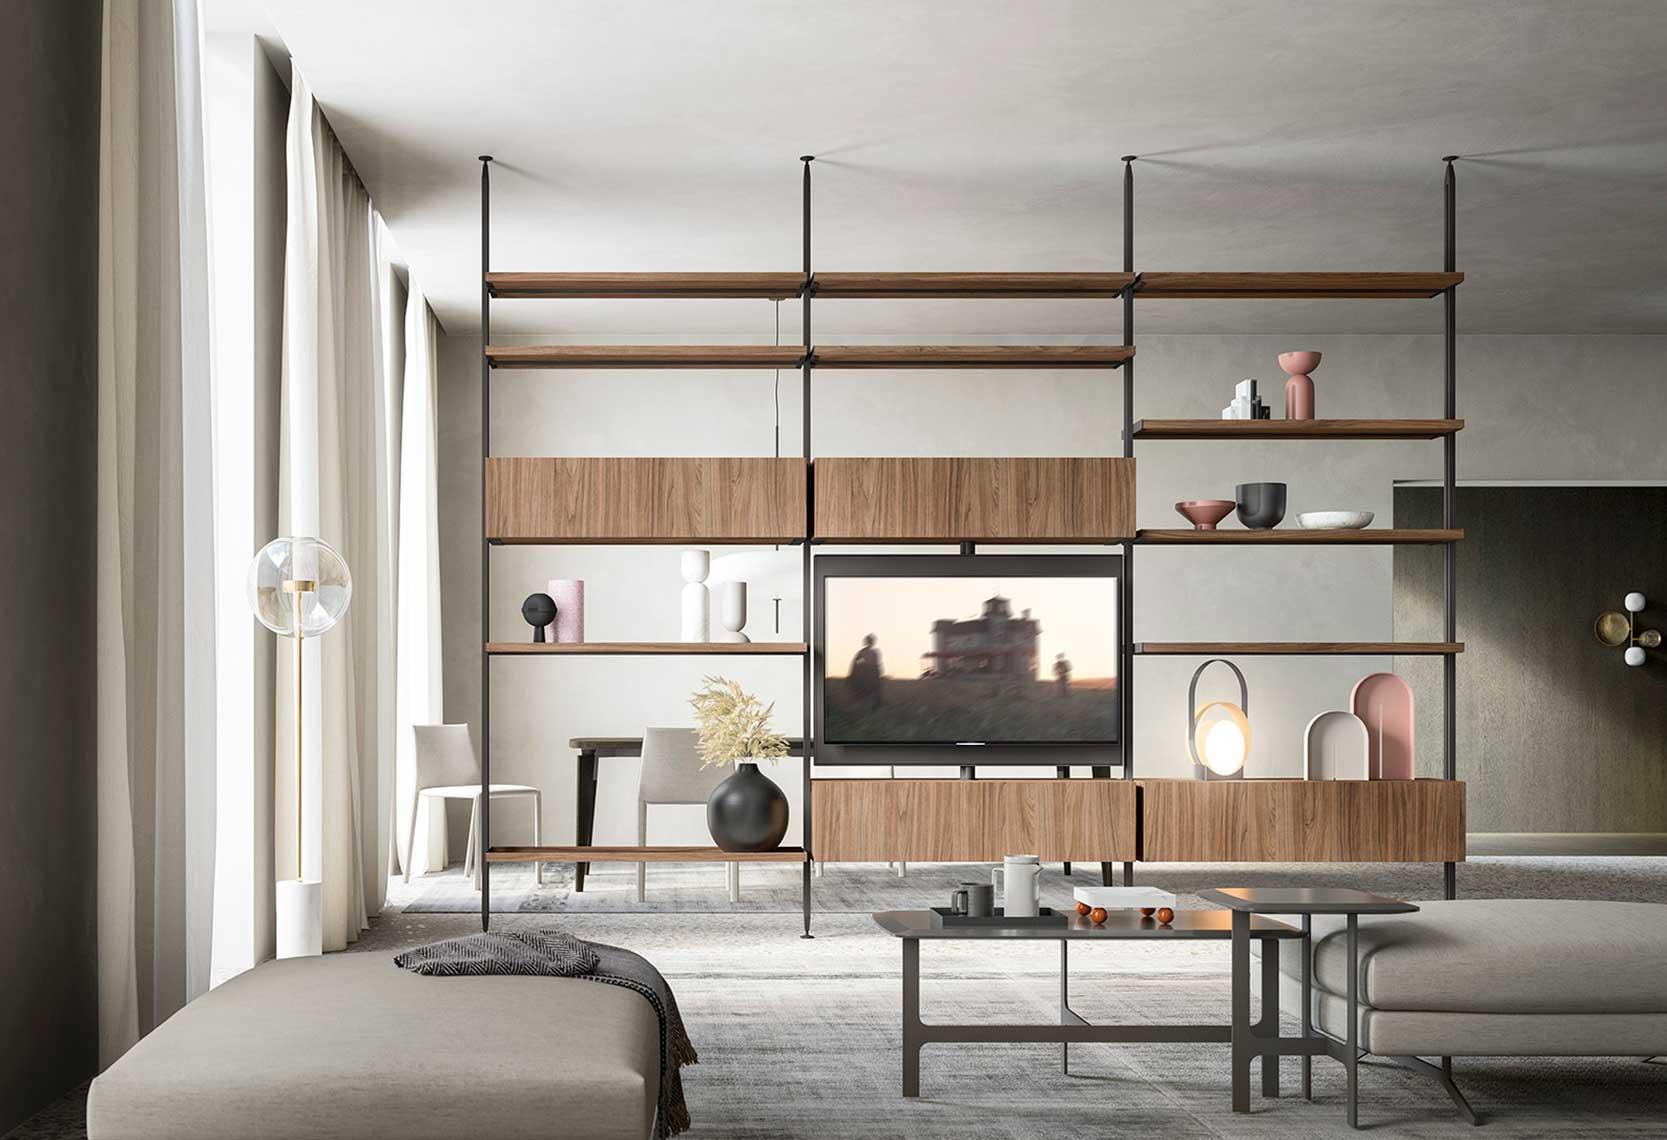 Muebles dormitorio en zaragoza r stica ambientes for Muebles dormitorio zaragoza